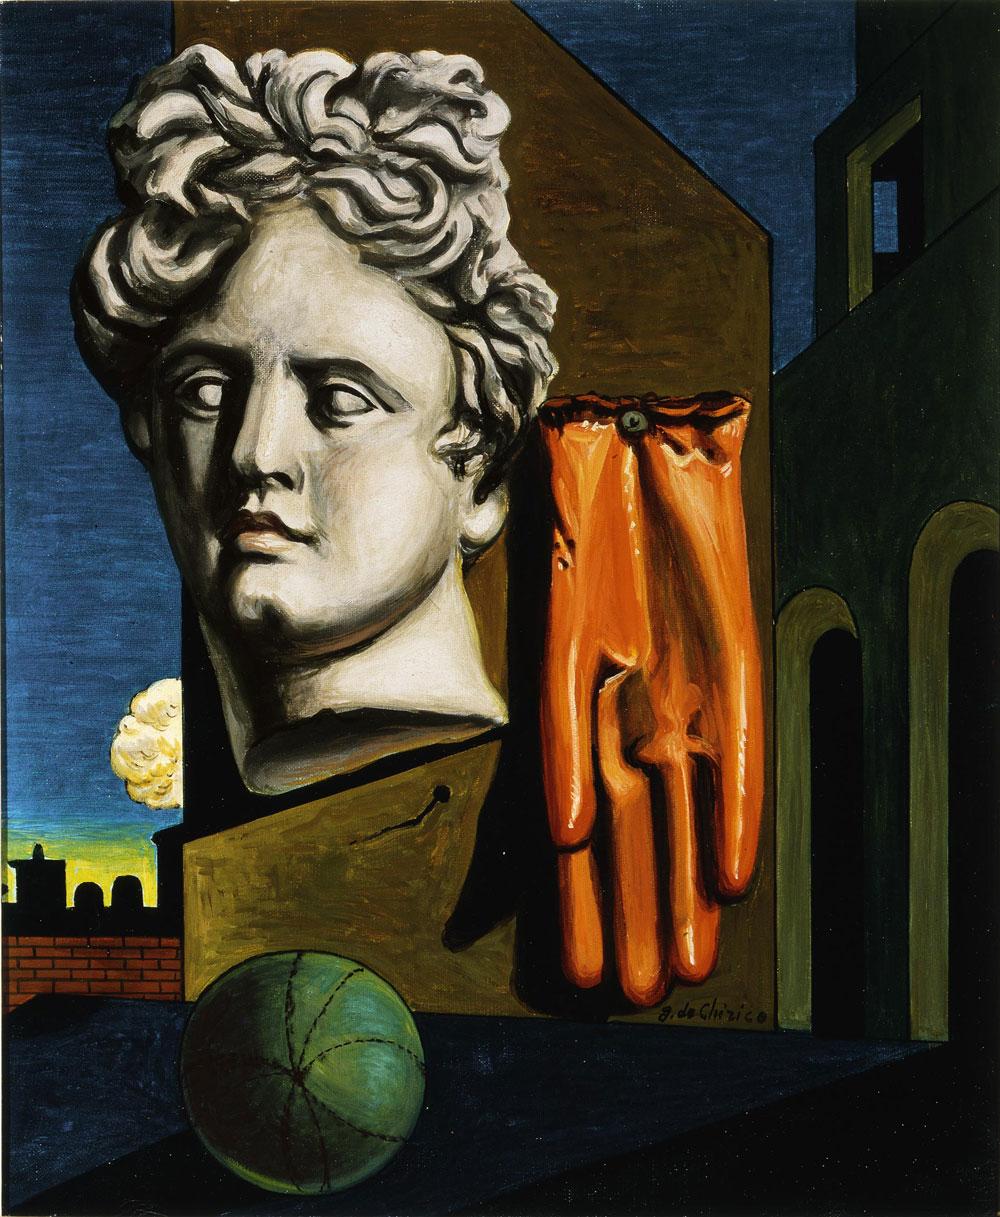 Su Rai5 un documentario dedicato a Giorgio De Chirico e alla sua pittura metafisica